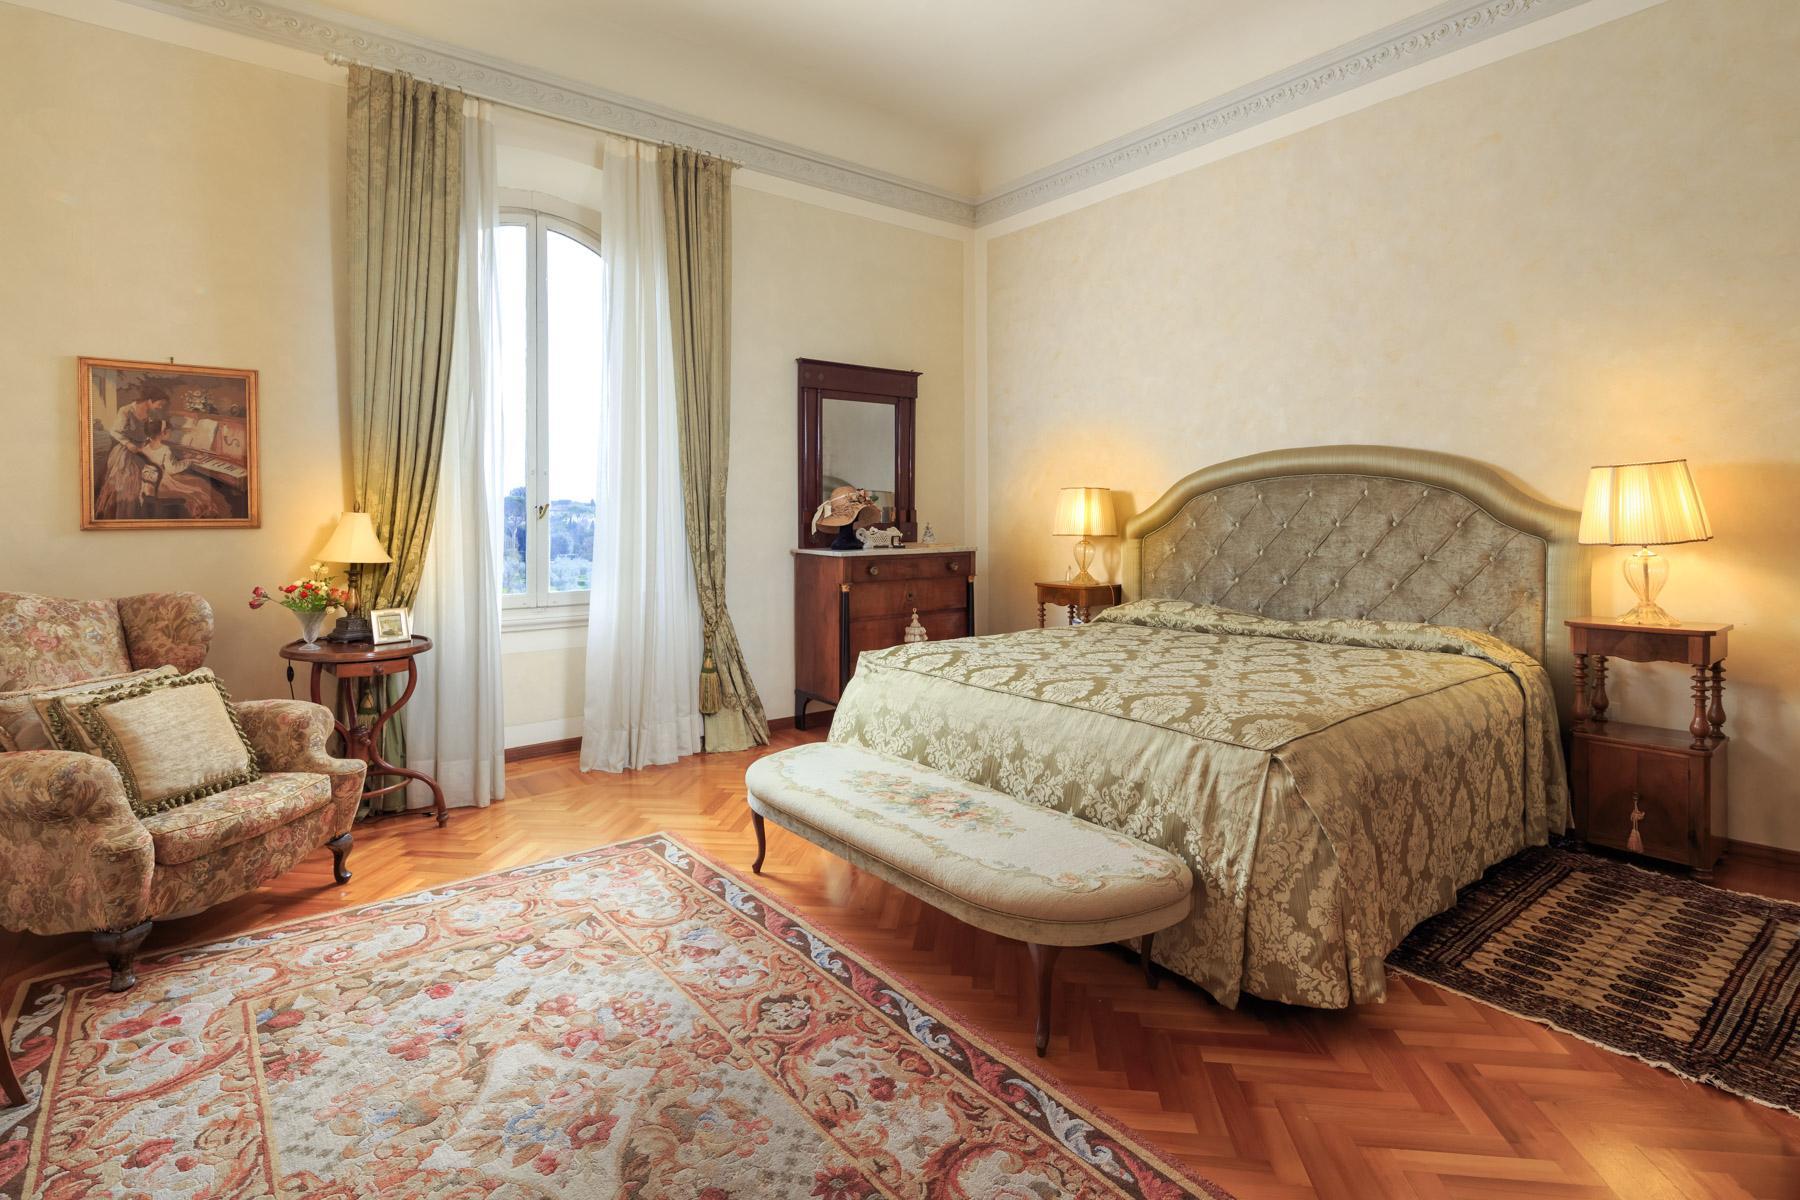 Wunderschöne Immobilien mit atemberaubendem Blick auf Florenz - 12